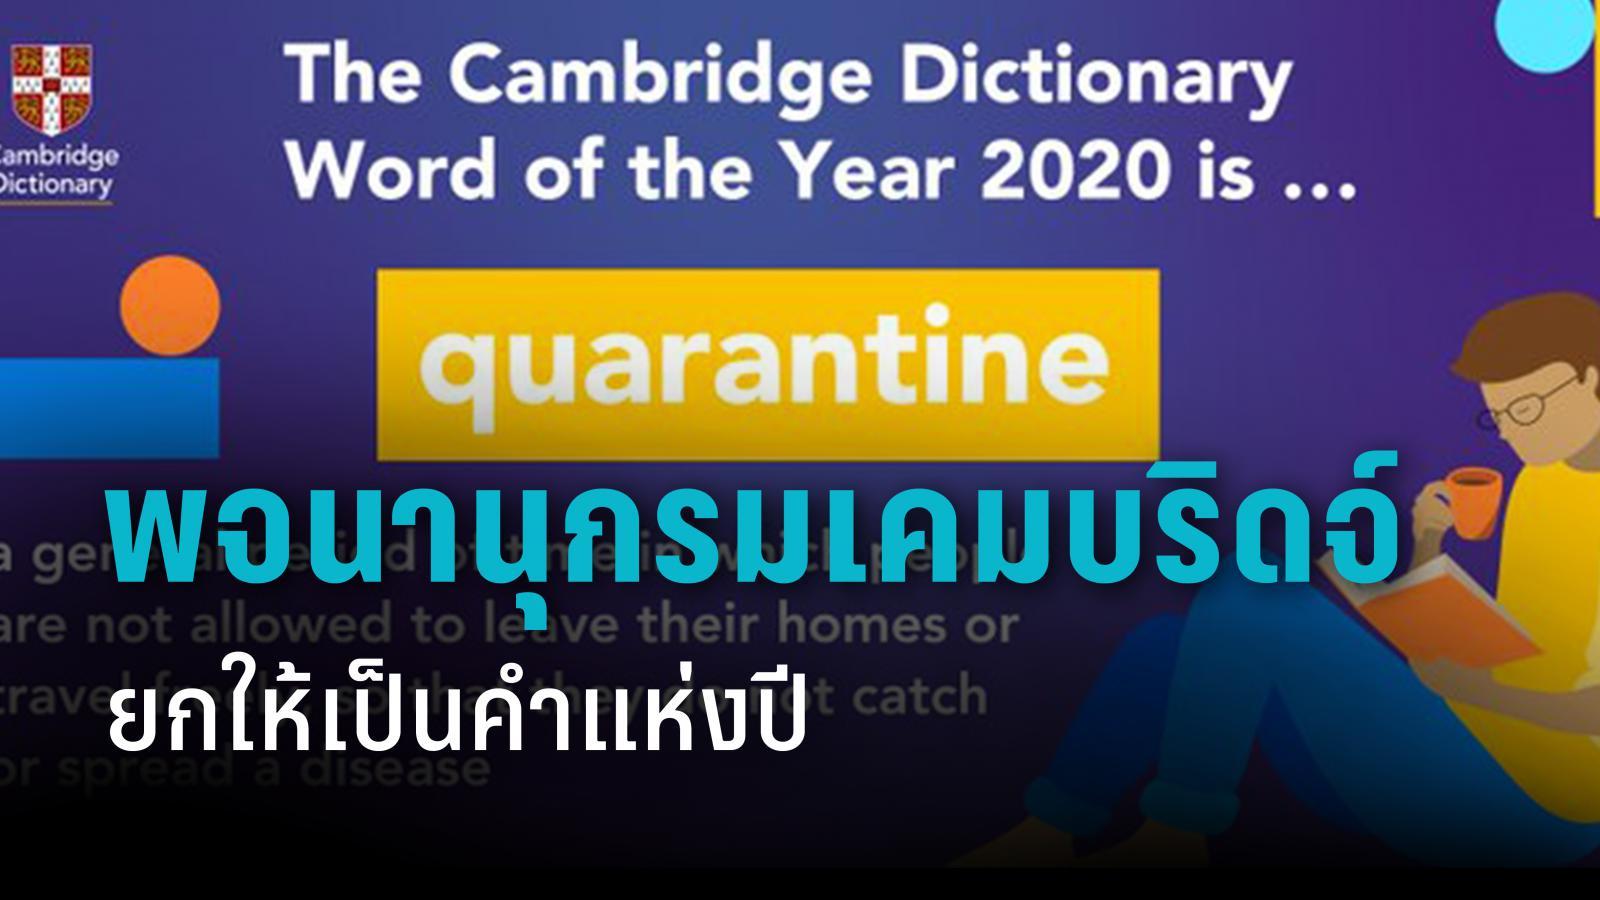 """พจนานุกรมเคมบริดจ์ยกให้ """"quarantine"""" เป็นคำแห่งปี"""